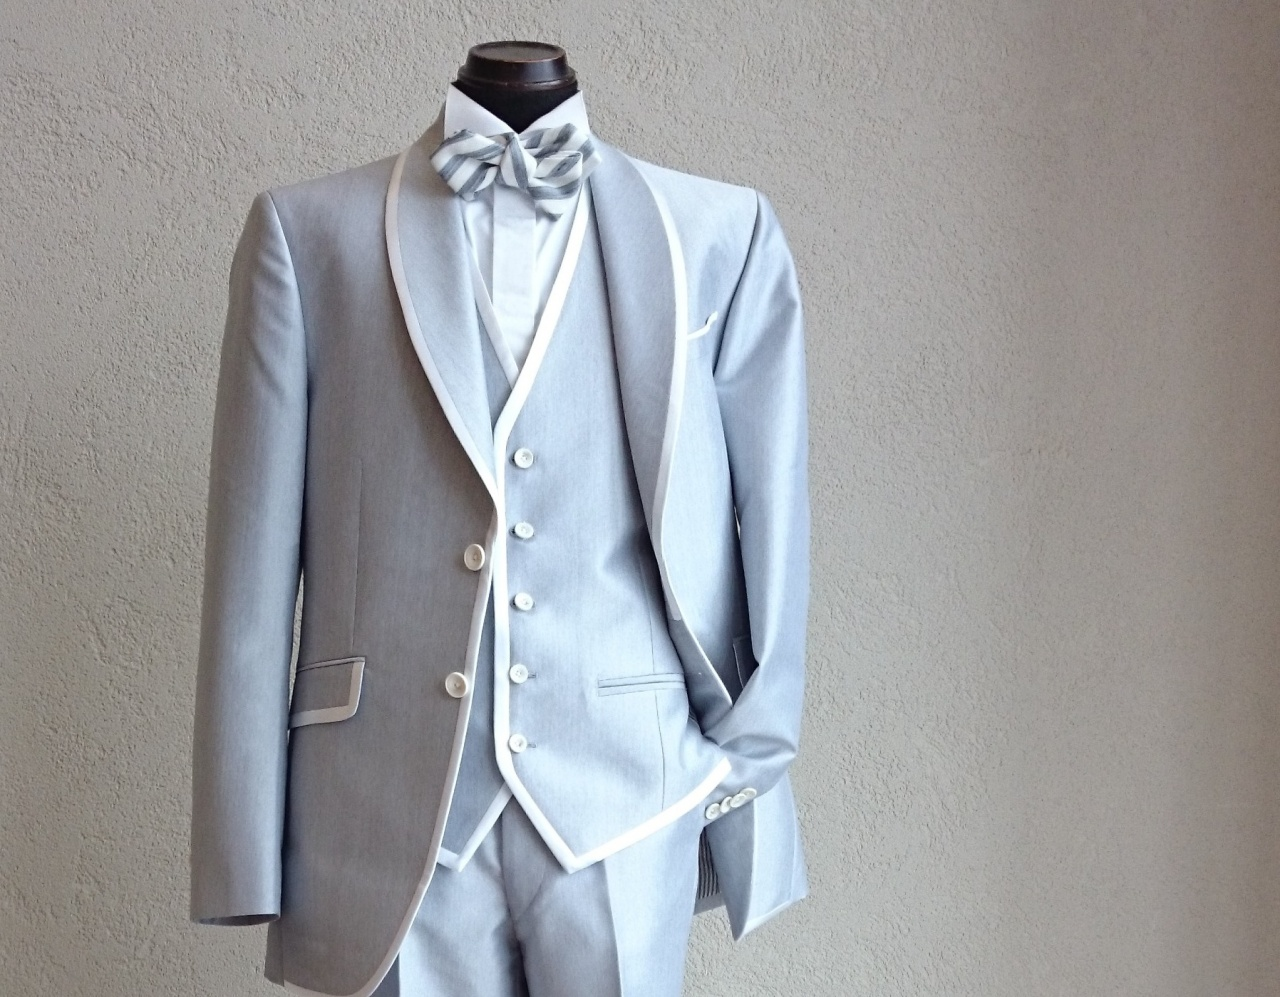 花嫁も必見!注目カラーはグレー、オシャレ上級者になれる新作タキシード